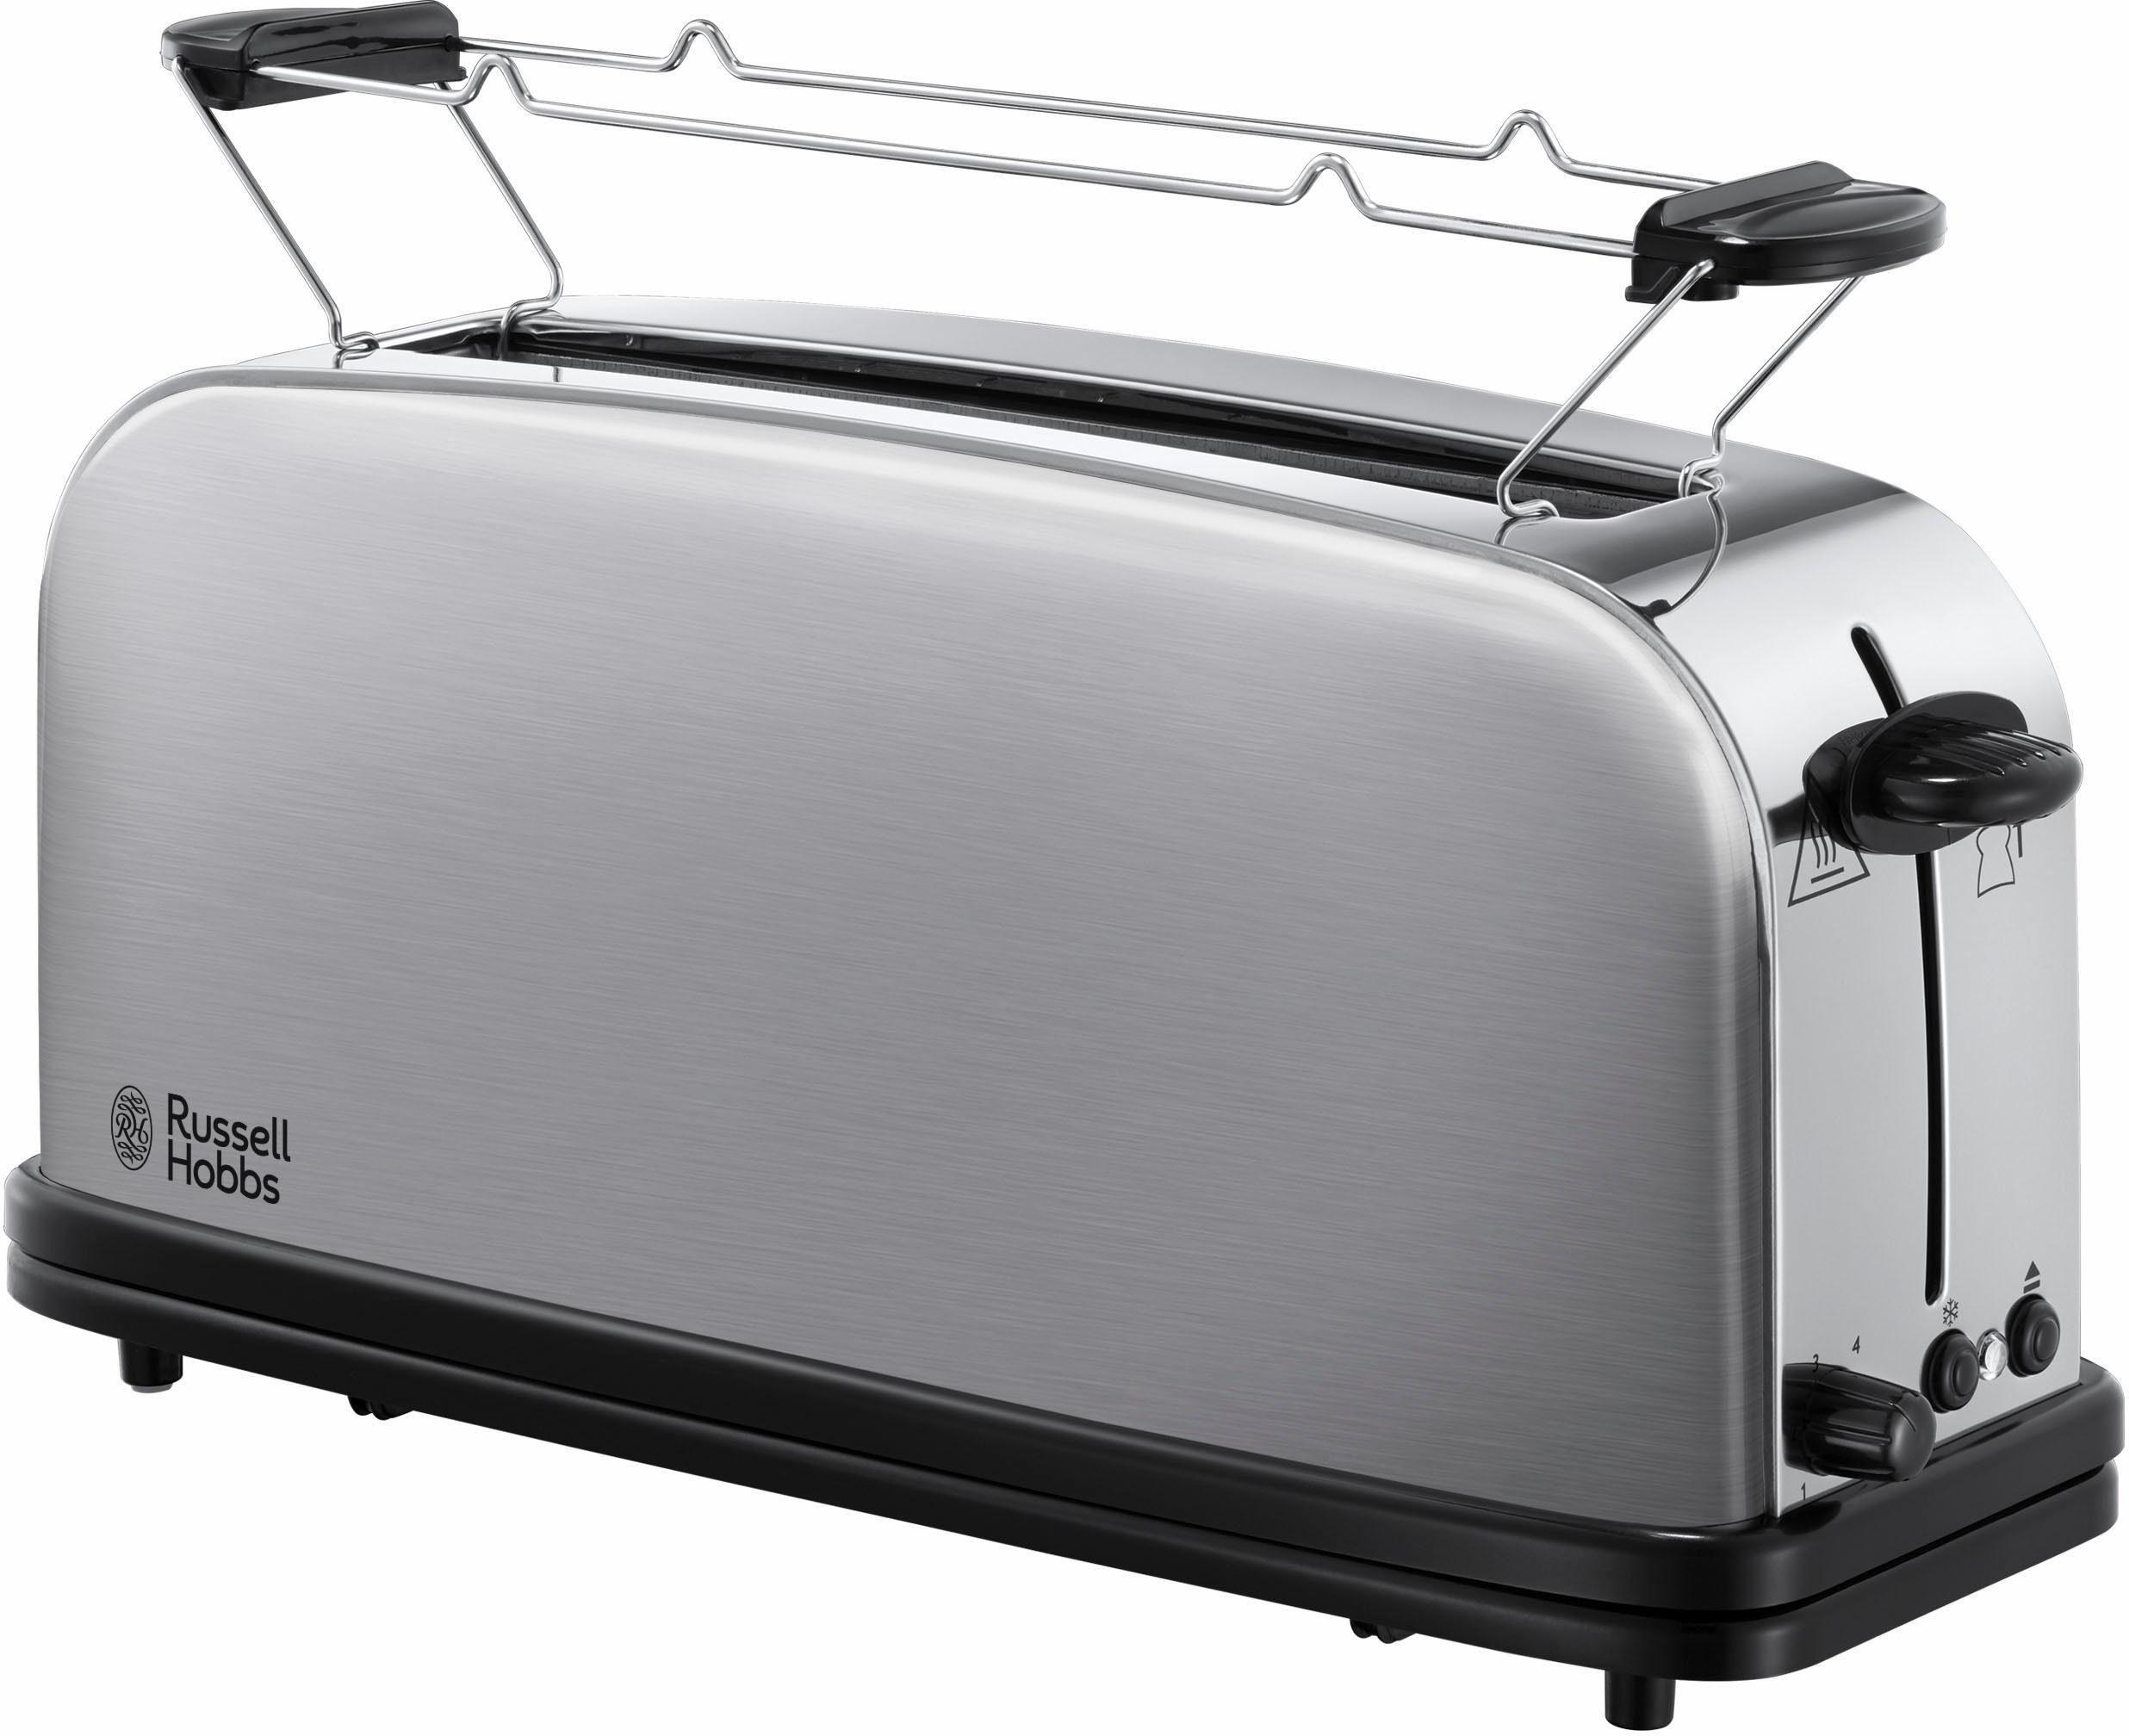 RUSSELL HOBBS Toaster 21396-56, 1 langer Schlitz, für 2 Scheiben, 1000 W